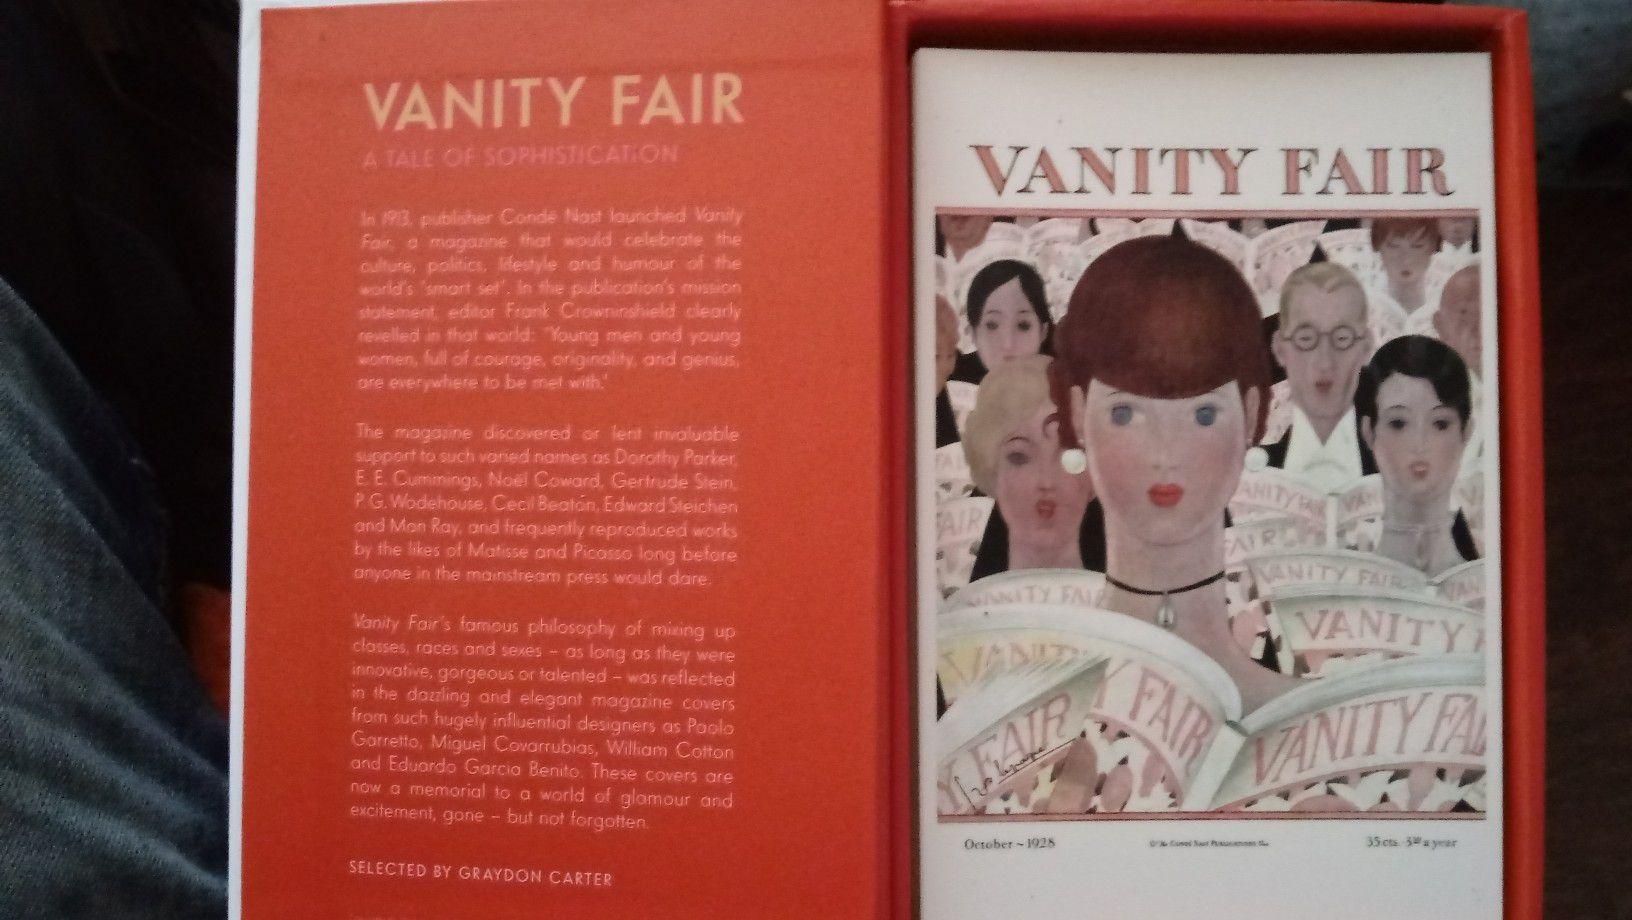 Vanity Fair vintage post card covers